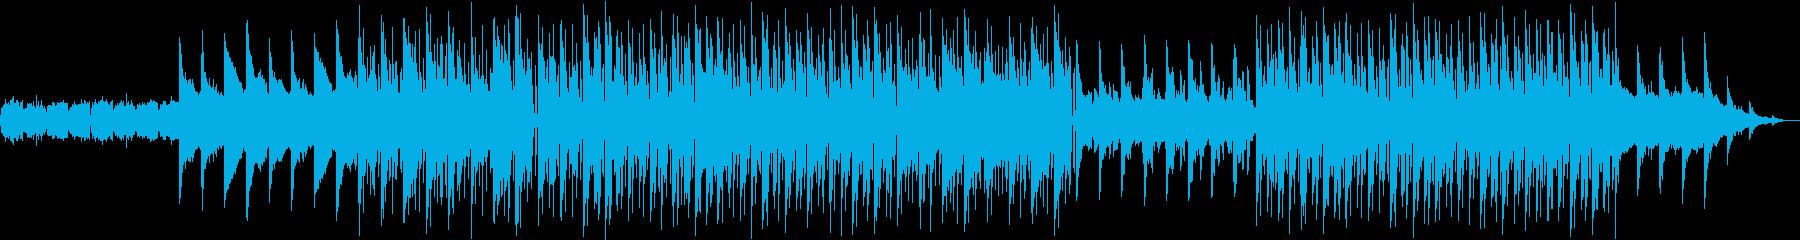 トロピカルハウス、雄大なる大海原、空撮系の再生済みの波形